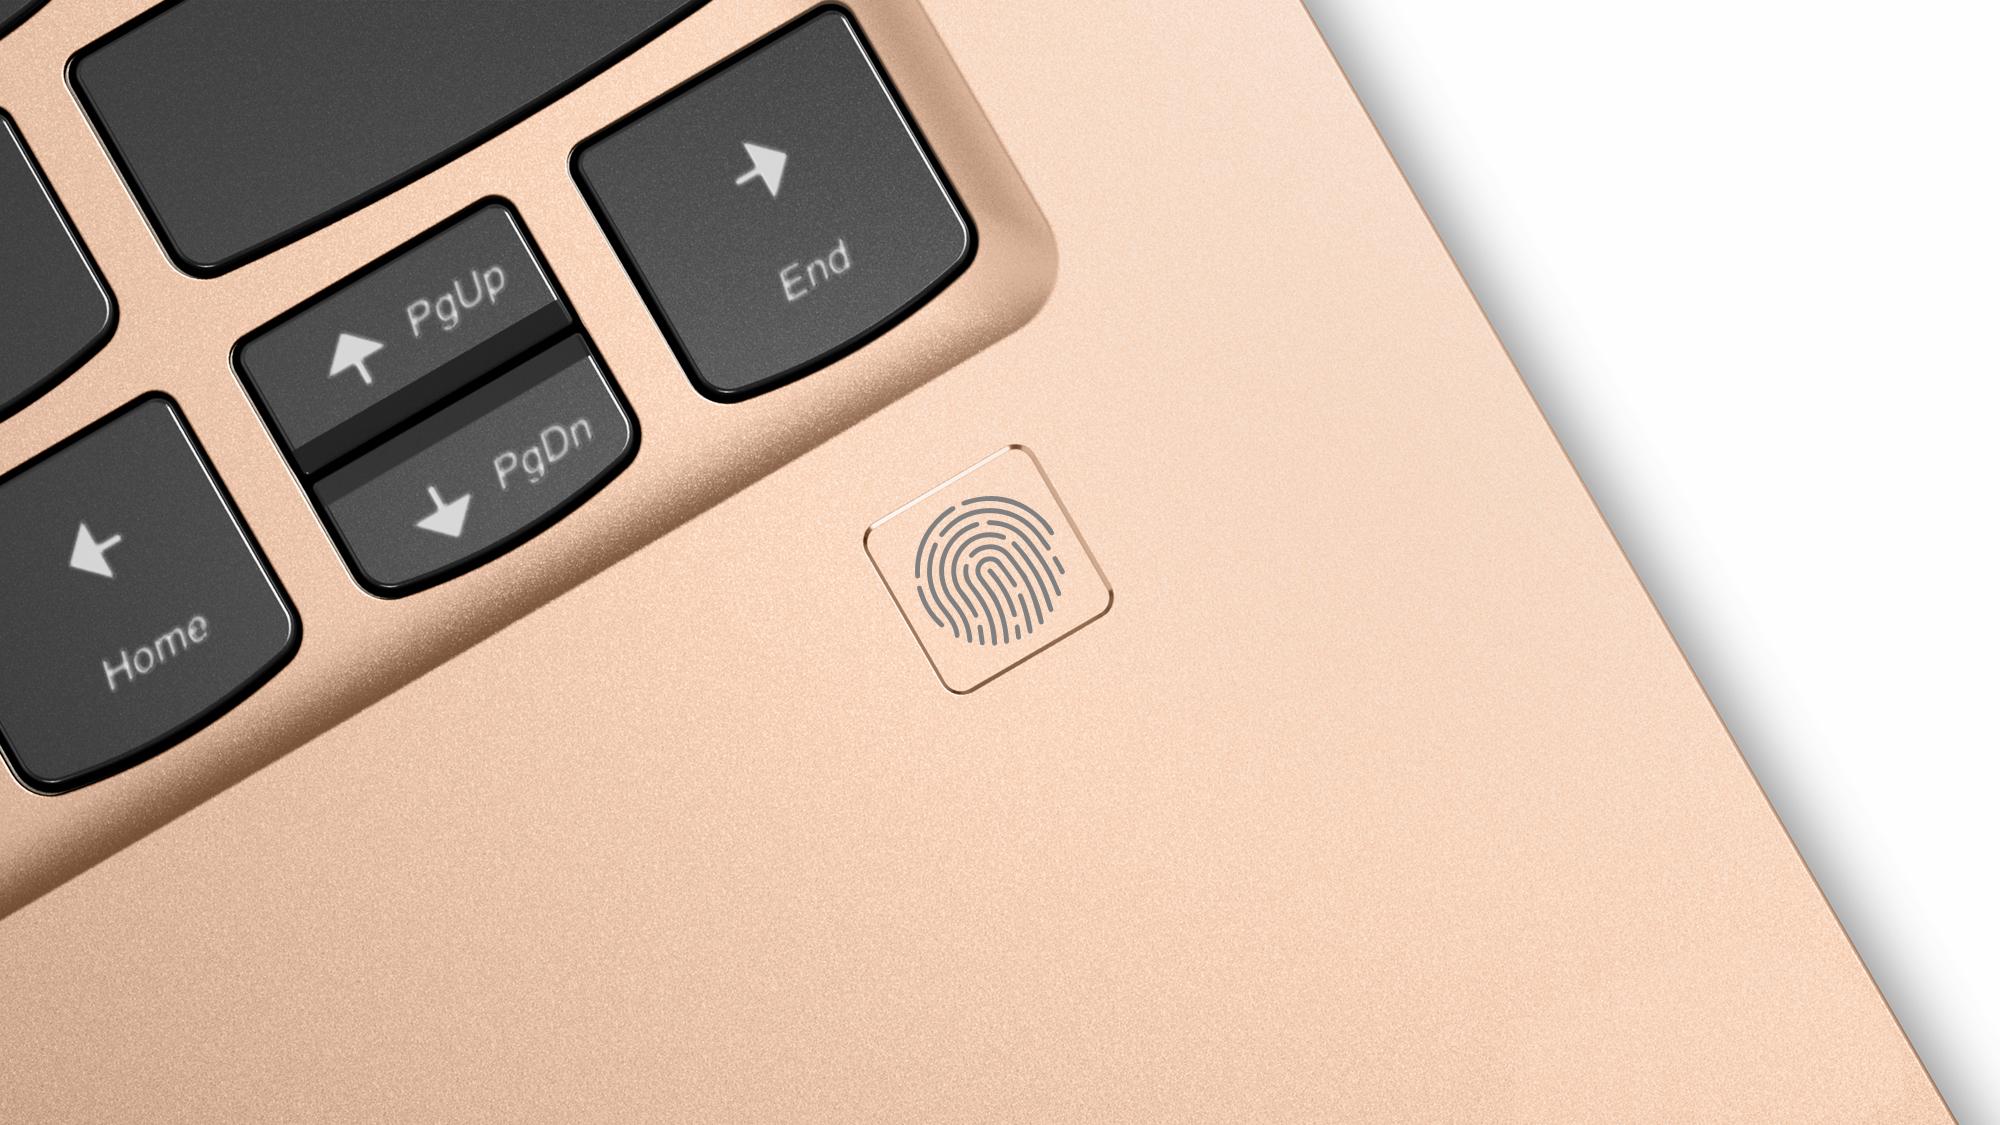 Lenovo ed Intel insieme per rendere più sicura e rapida l'autenticazione online thumbnail